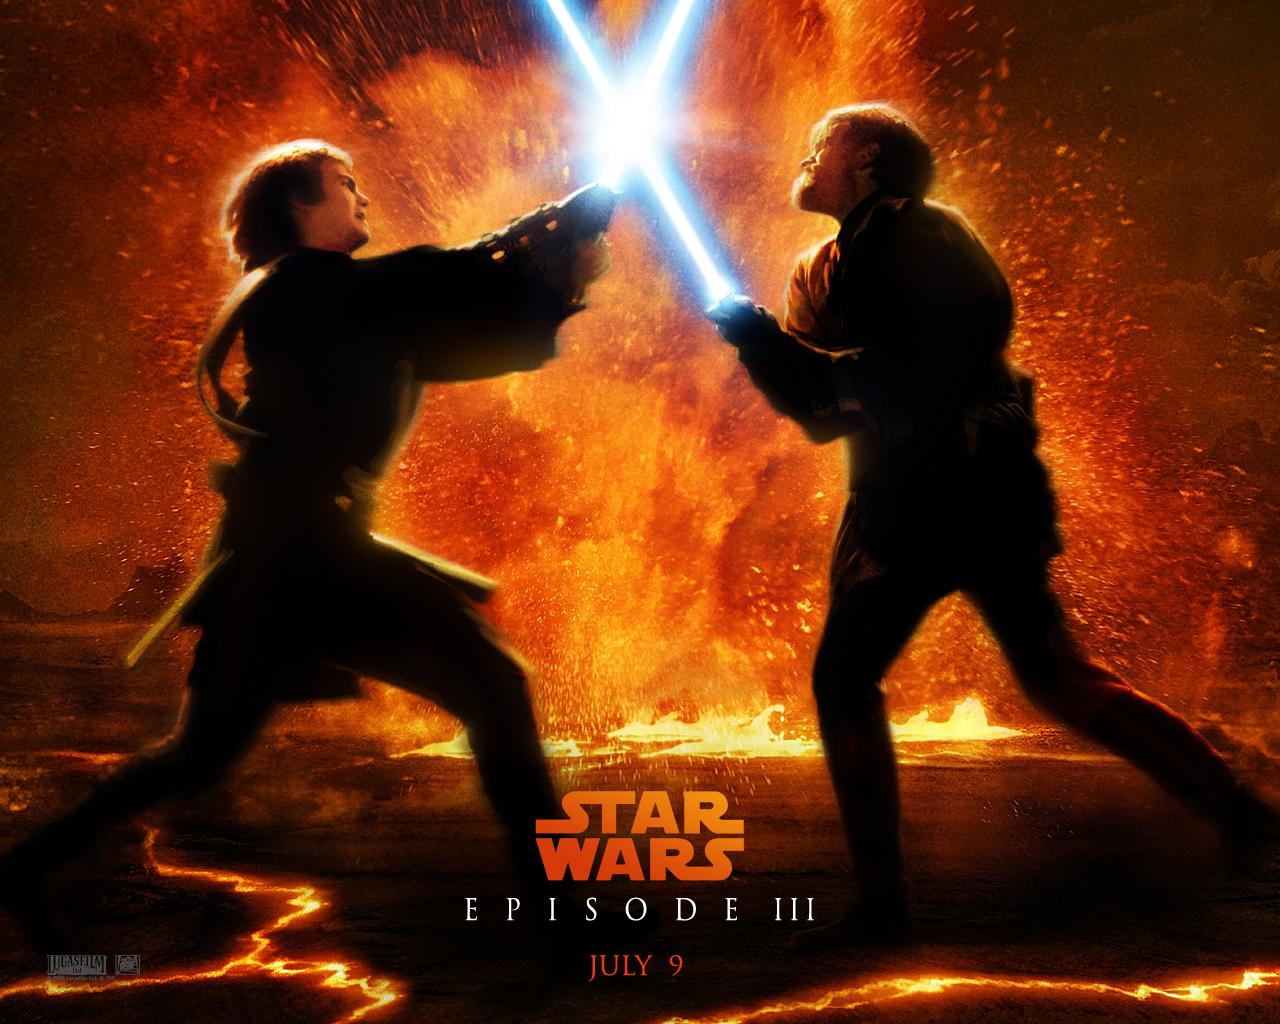 Star wars times